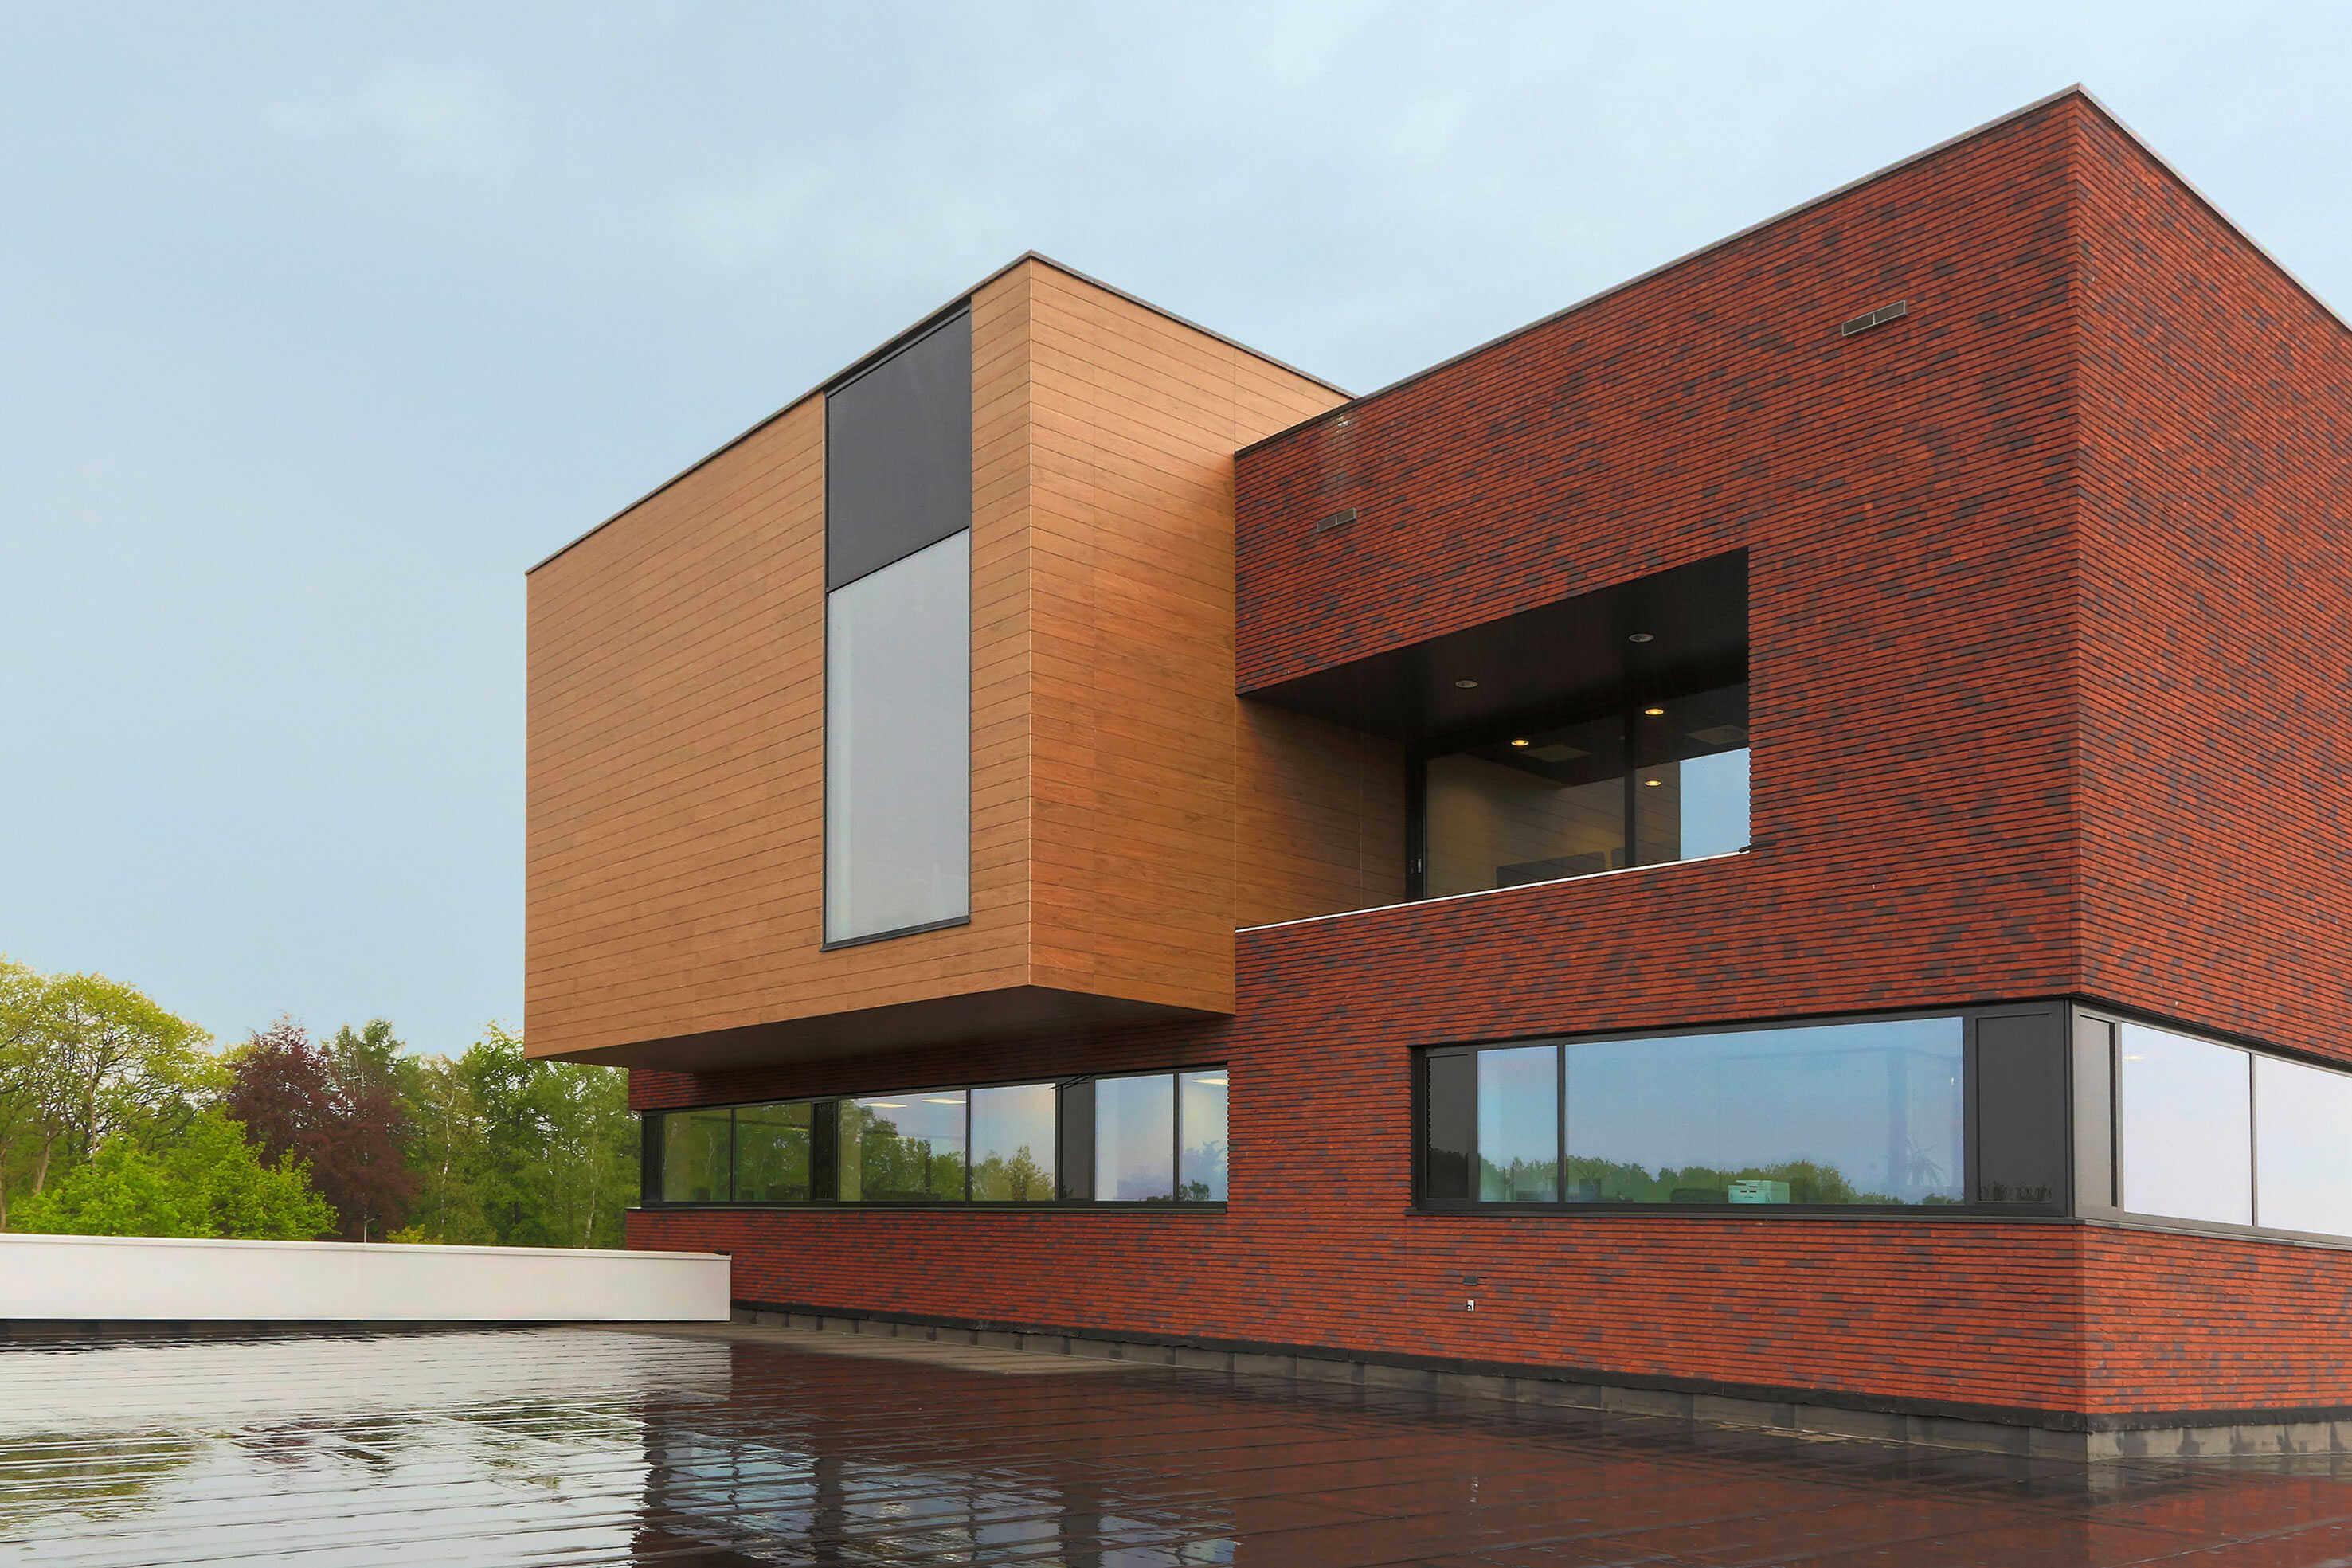 200428 Data 01 | Edificio De Oficinas, Holanda